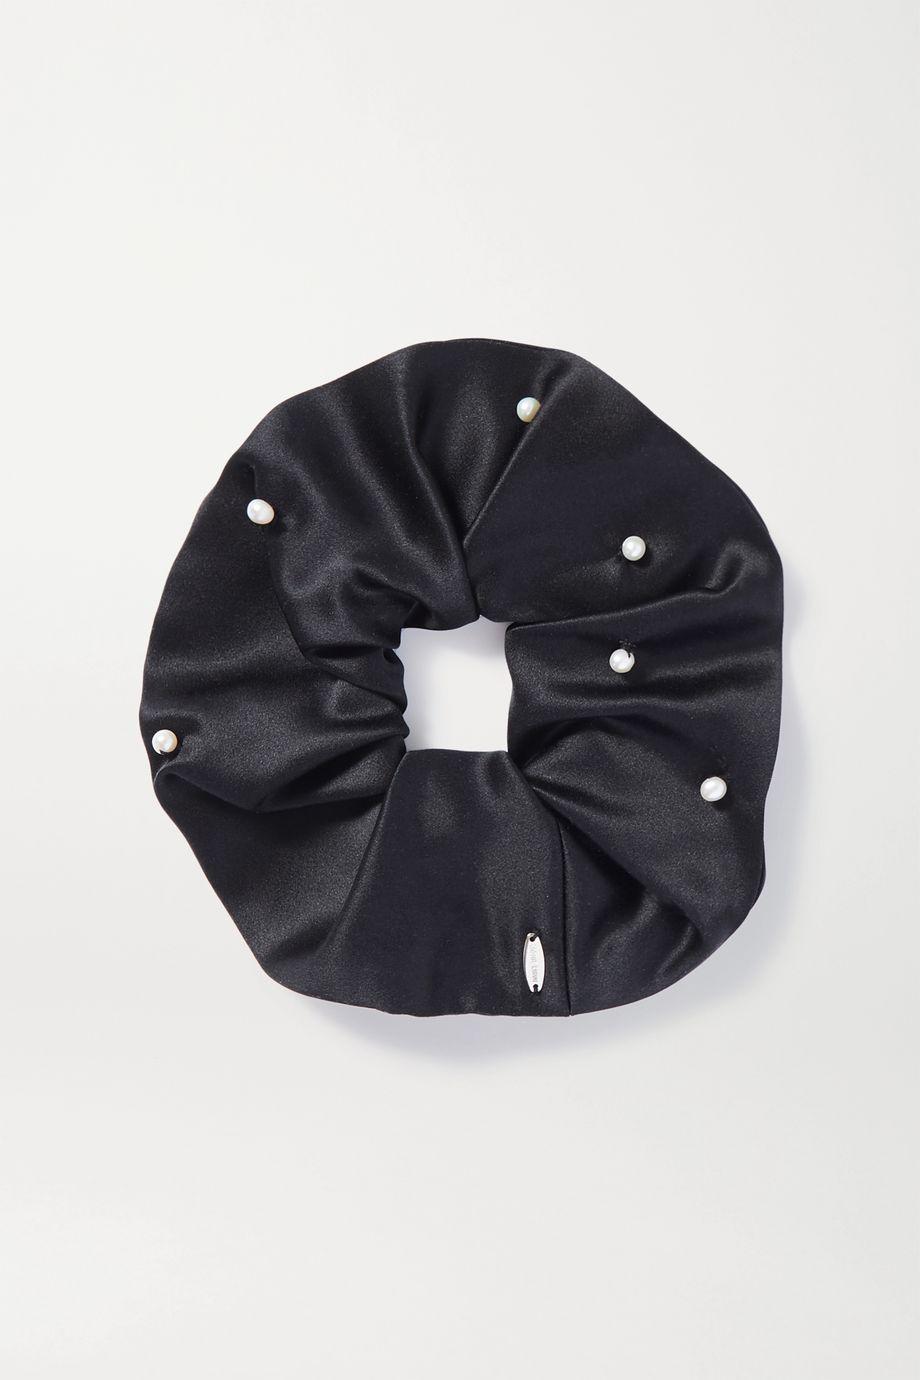 Sophie Buhai Pearl-embellished satin hair tie